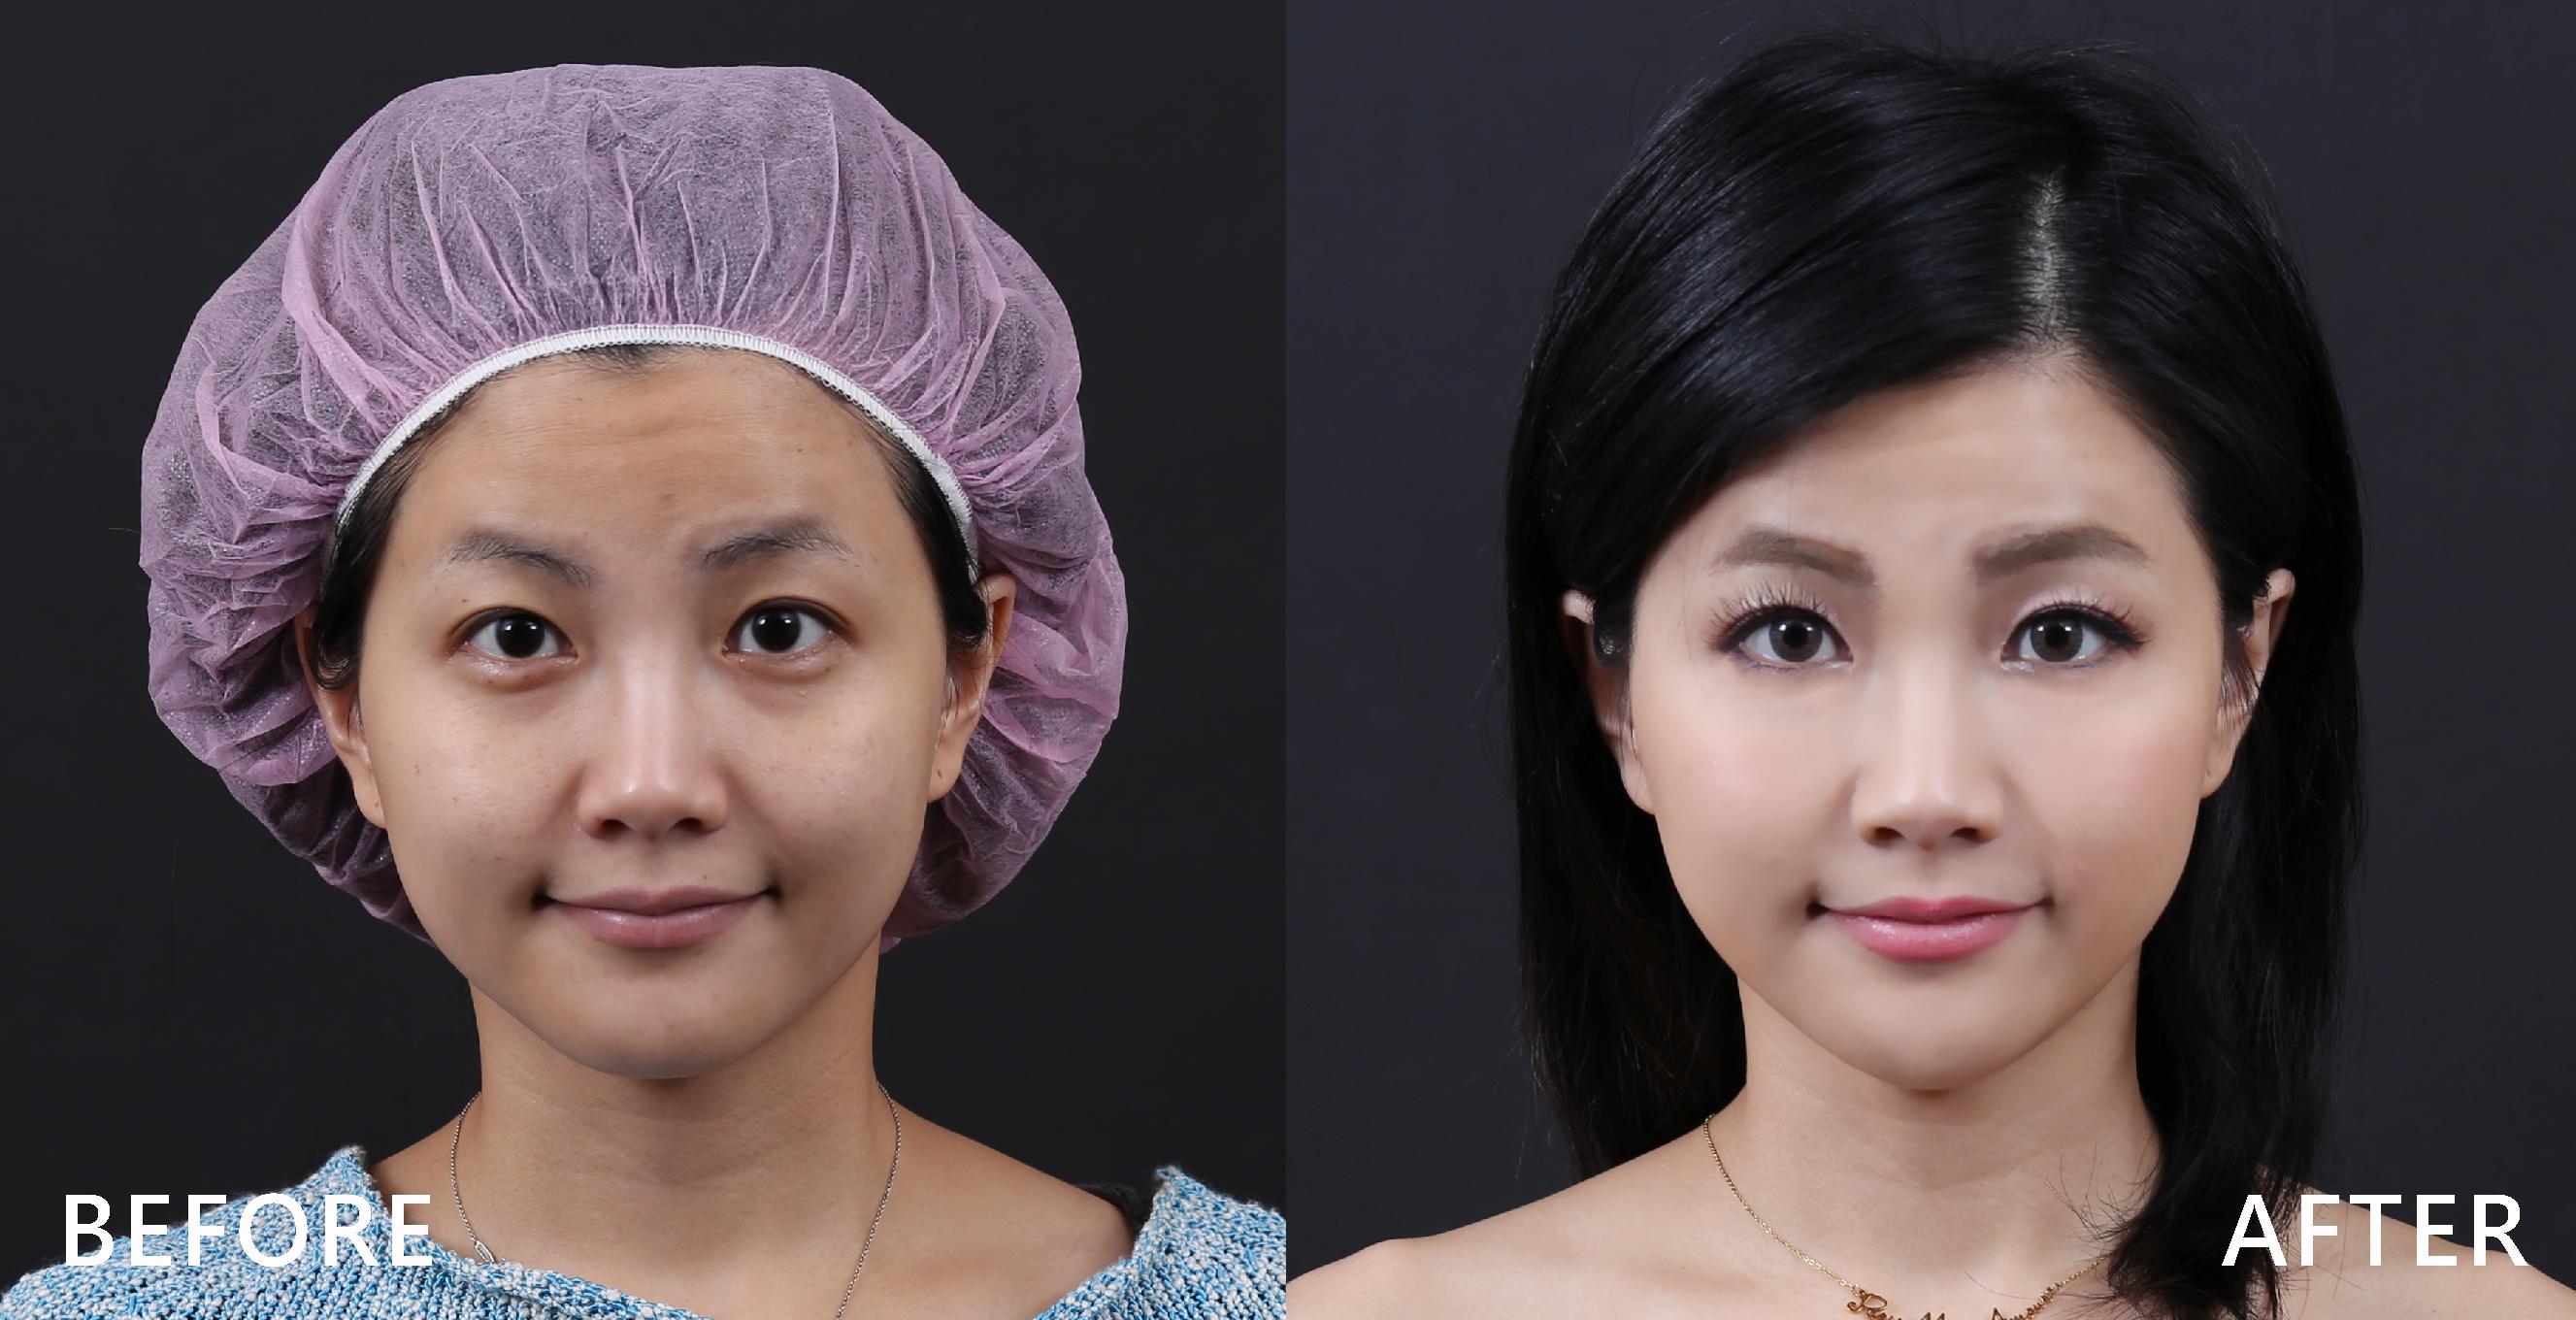 治療過度活躍的肌肉,造成皺紋的肌肉放鬆,臉變平滑年輕了。(本療程施打效果因人而異)